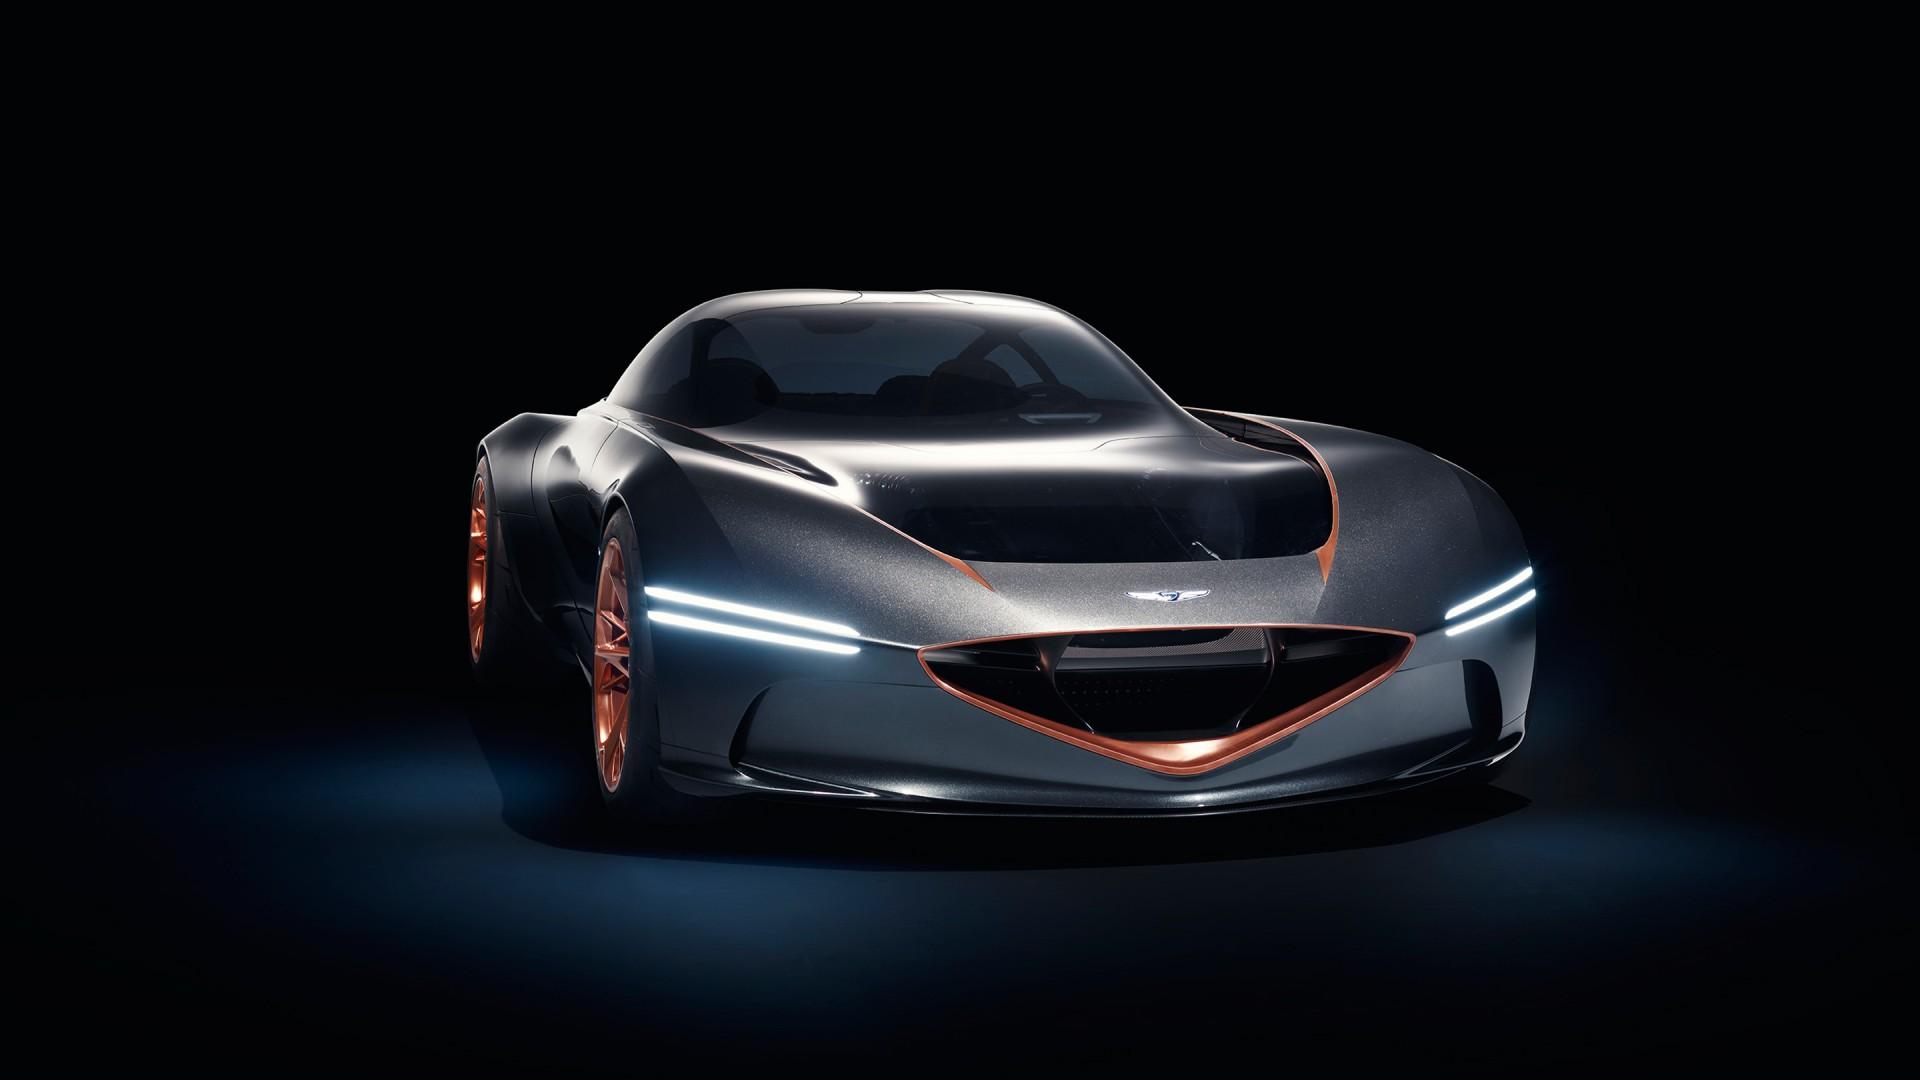 Jaguar Car Logo Hd Wallpaper Download 2018 Genesis Essentia Concept Wallpaper Hd Car